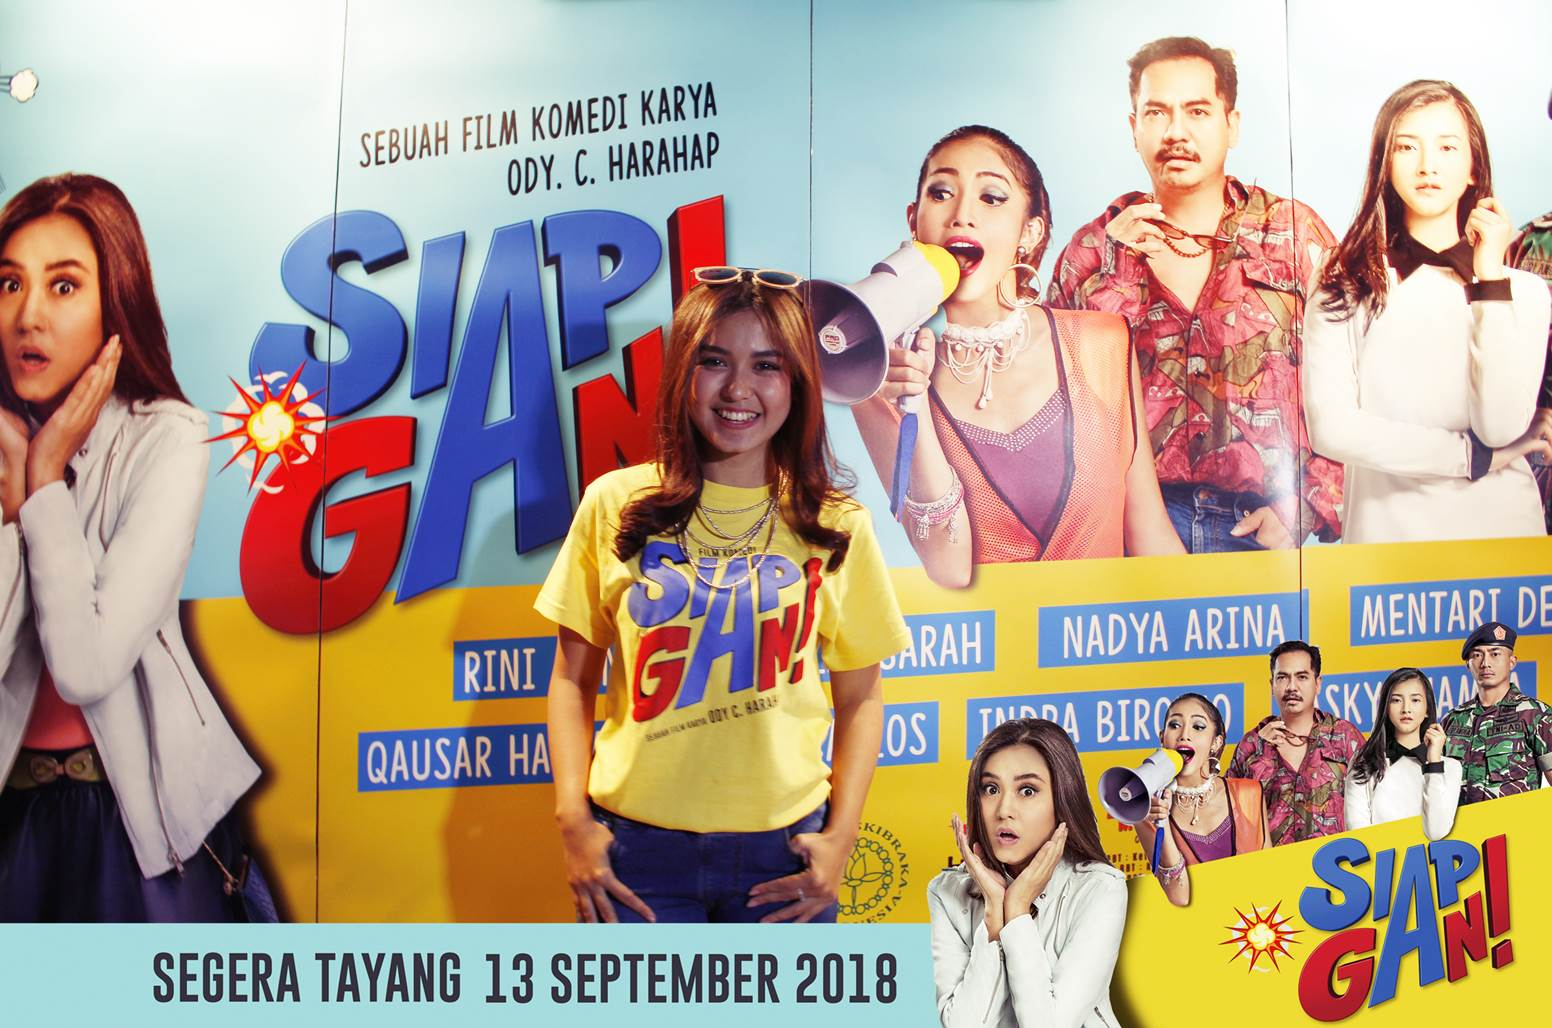 Review Film SIAP GAN!